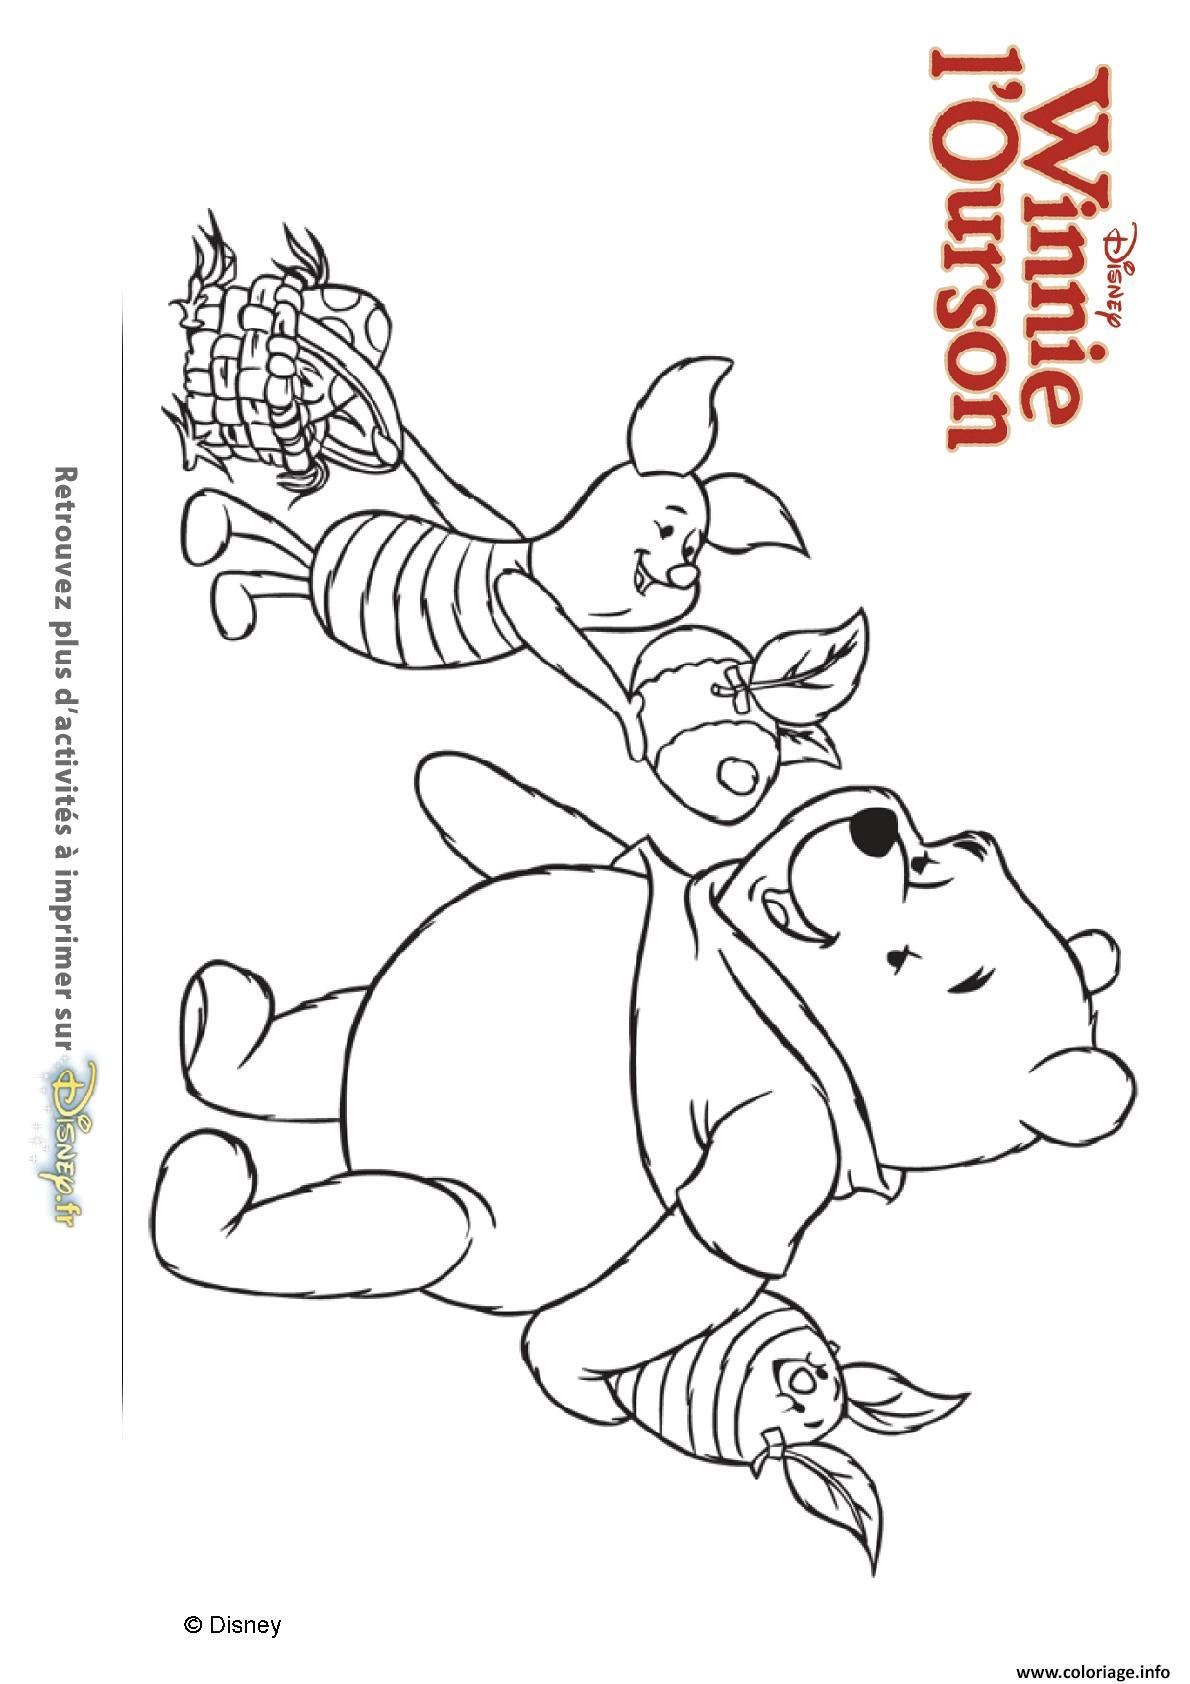 Coloriage winnie ourson et porcinet s offrent des oeufs dessin - Comment dessiner winnie l ourson ...